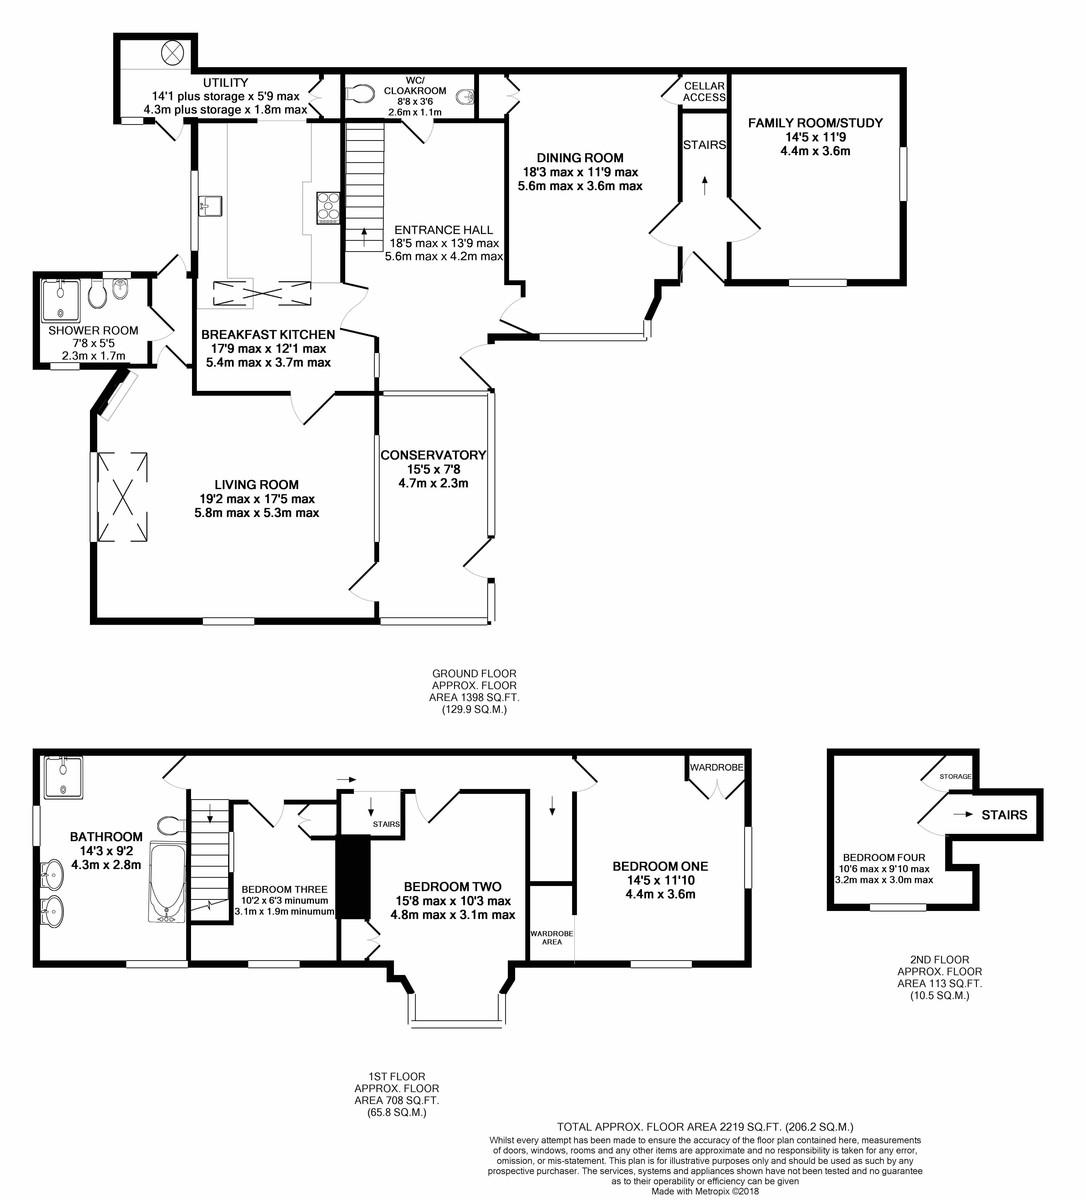 St. James Road, Edgbaston floorplan 1 of 1